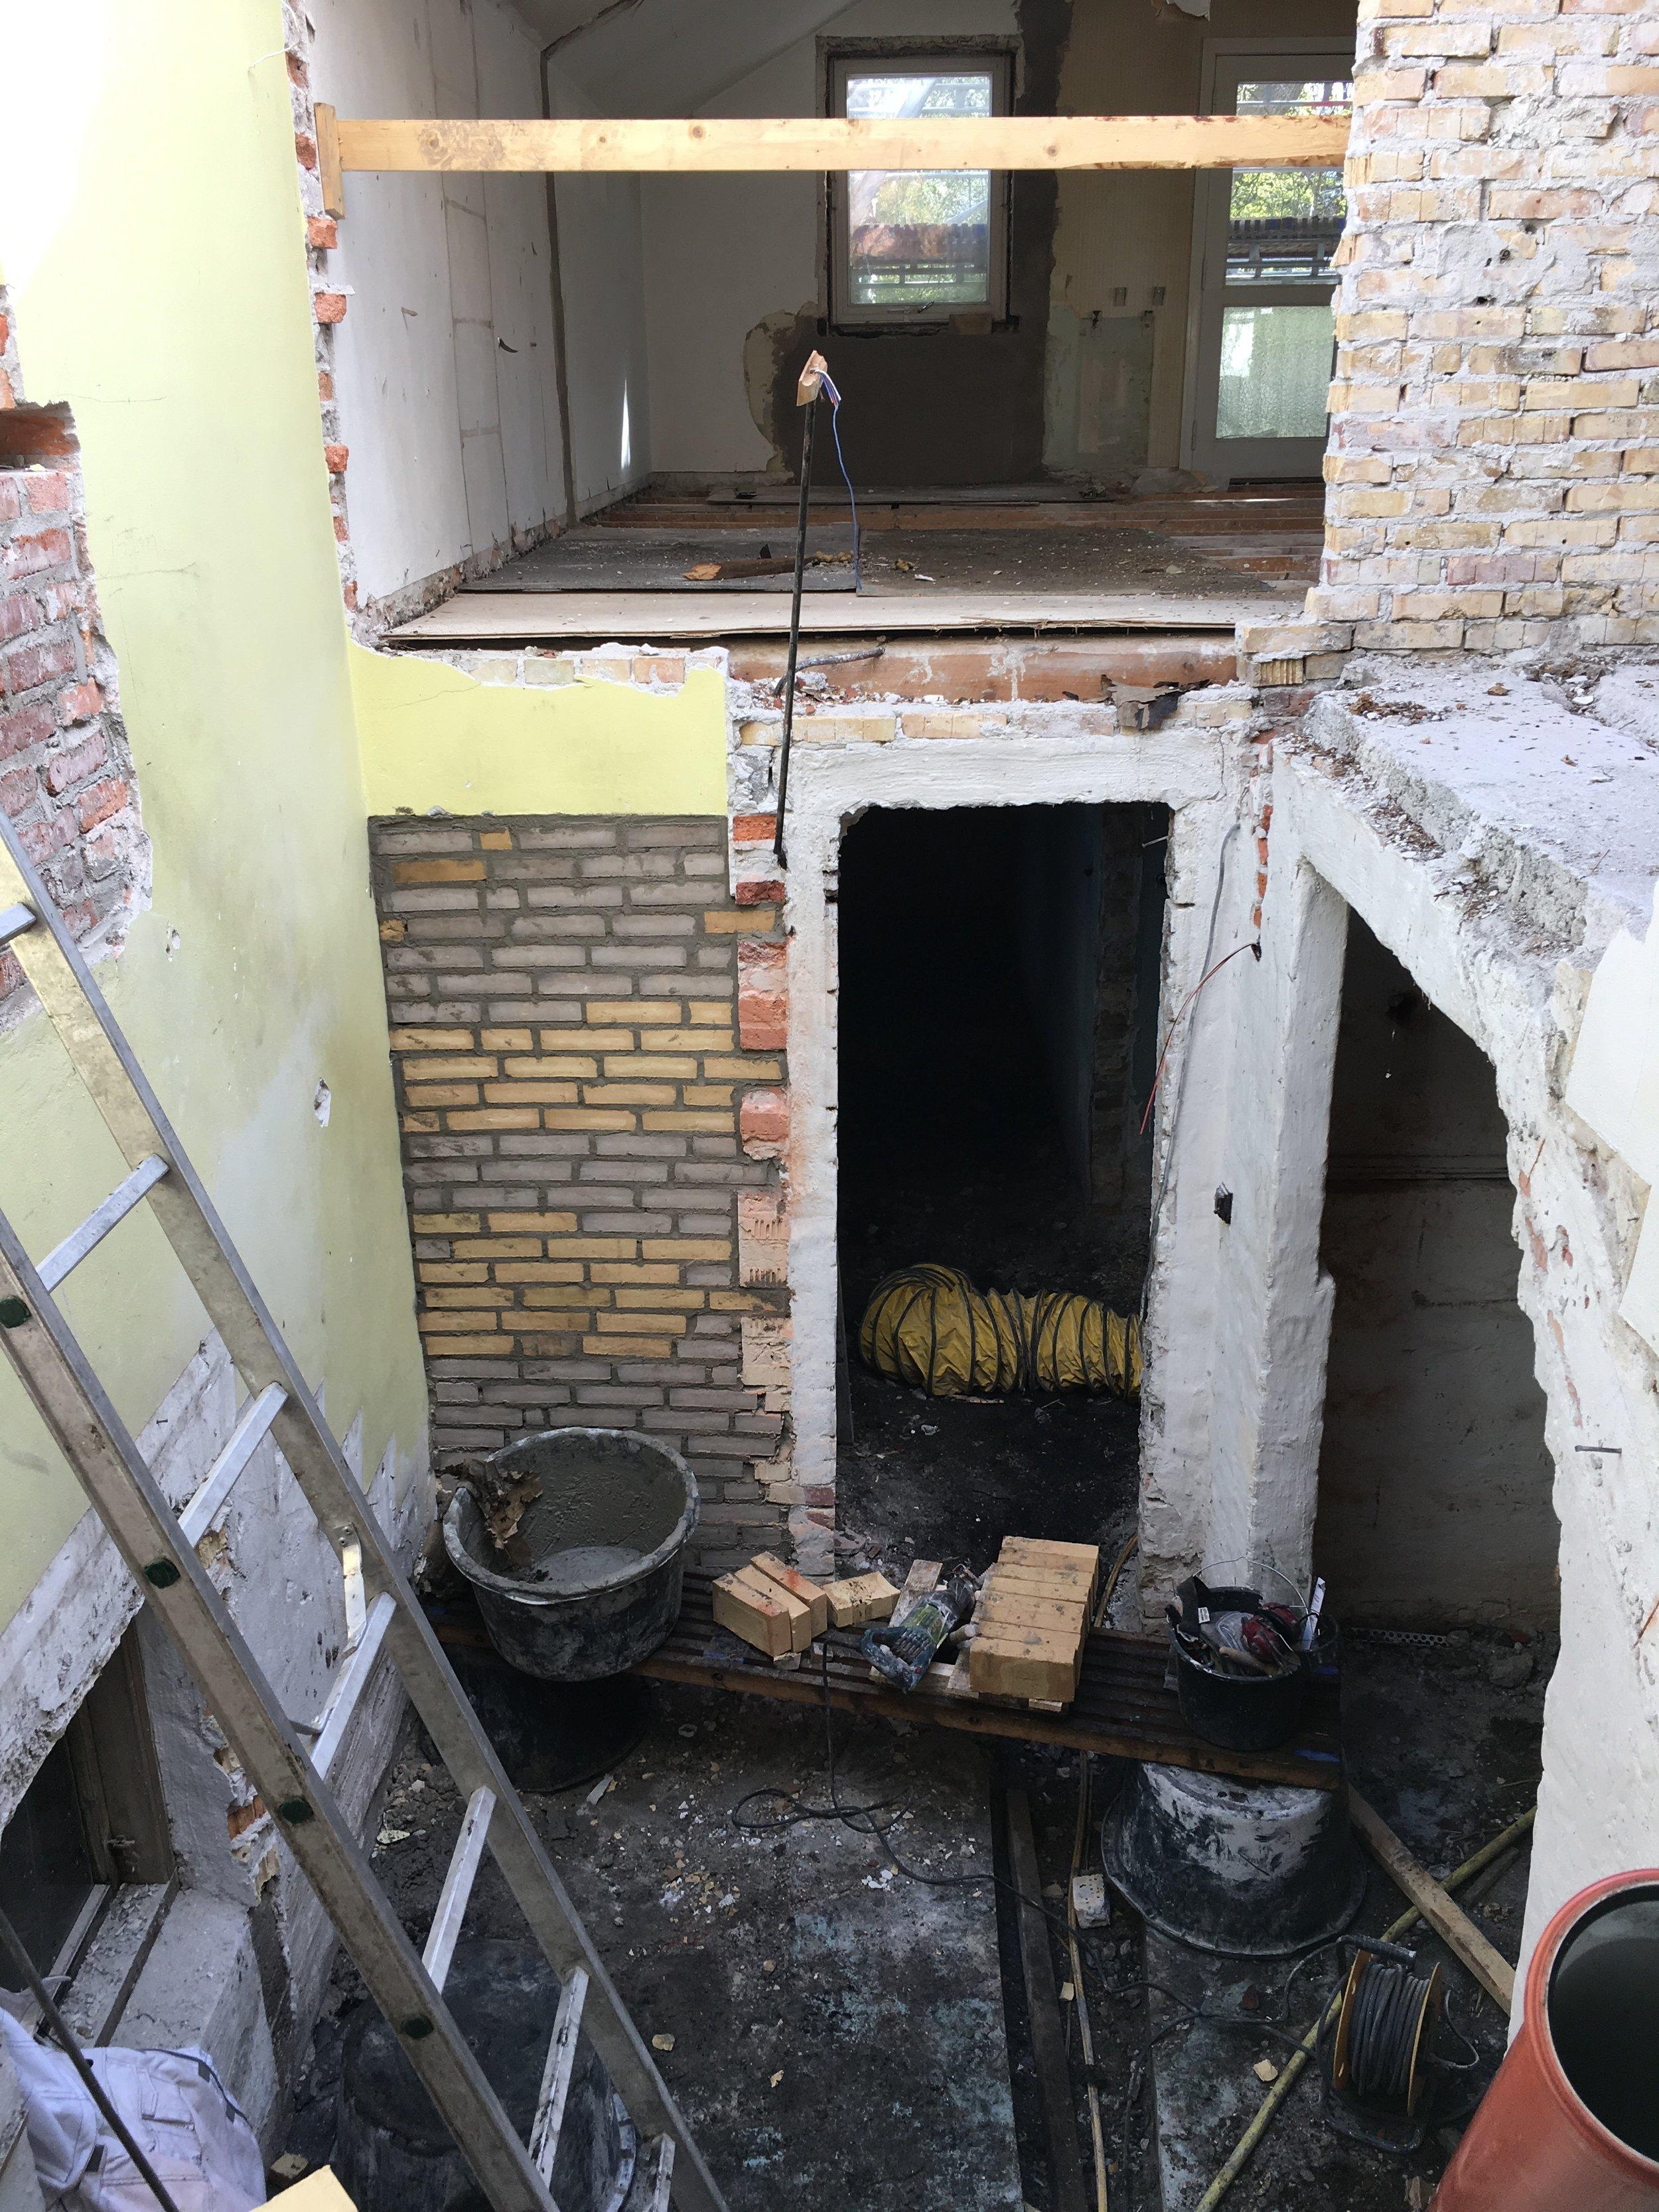 Da det ene badeværelse blev placeret i en tidligere trappeopgang, skulle der først etableres et dæk / gulv imellem de to etager. Gulvet blev etableret ved hjælp af jern bjælker og svale hale plader på hvilket betongulvet til sidst blev støbt.